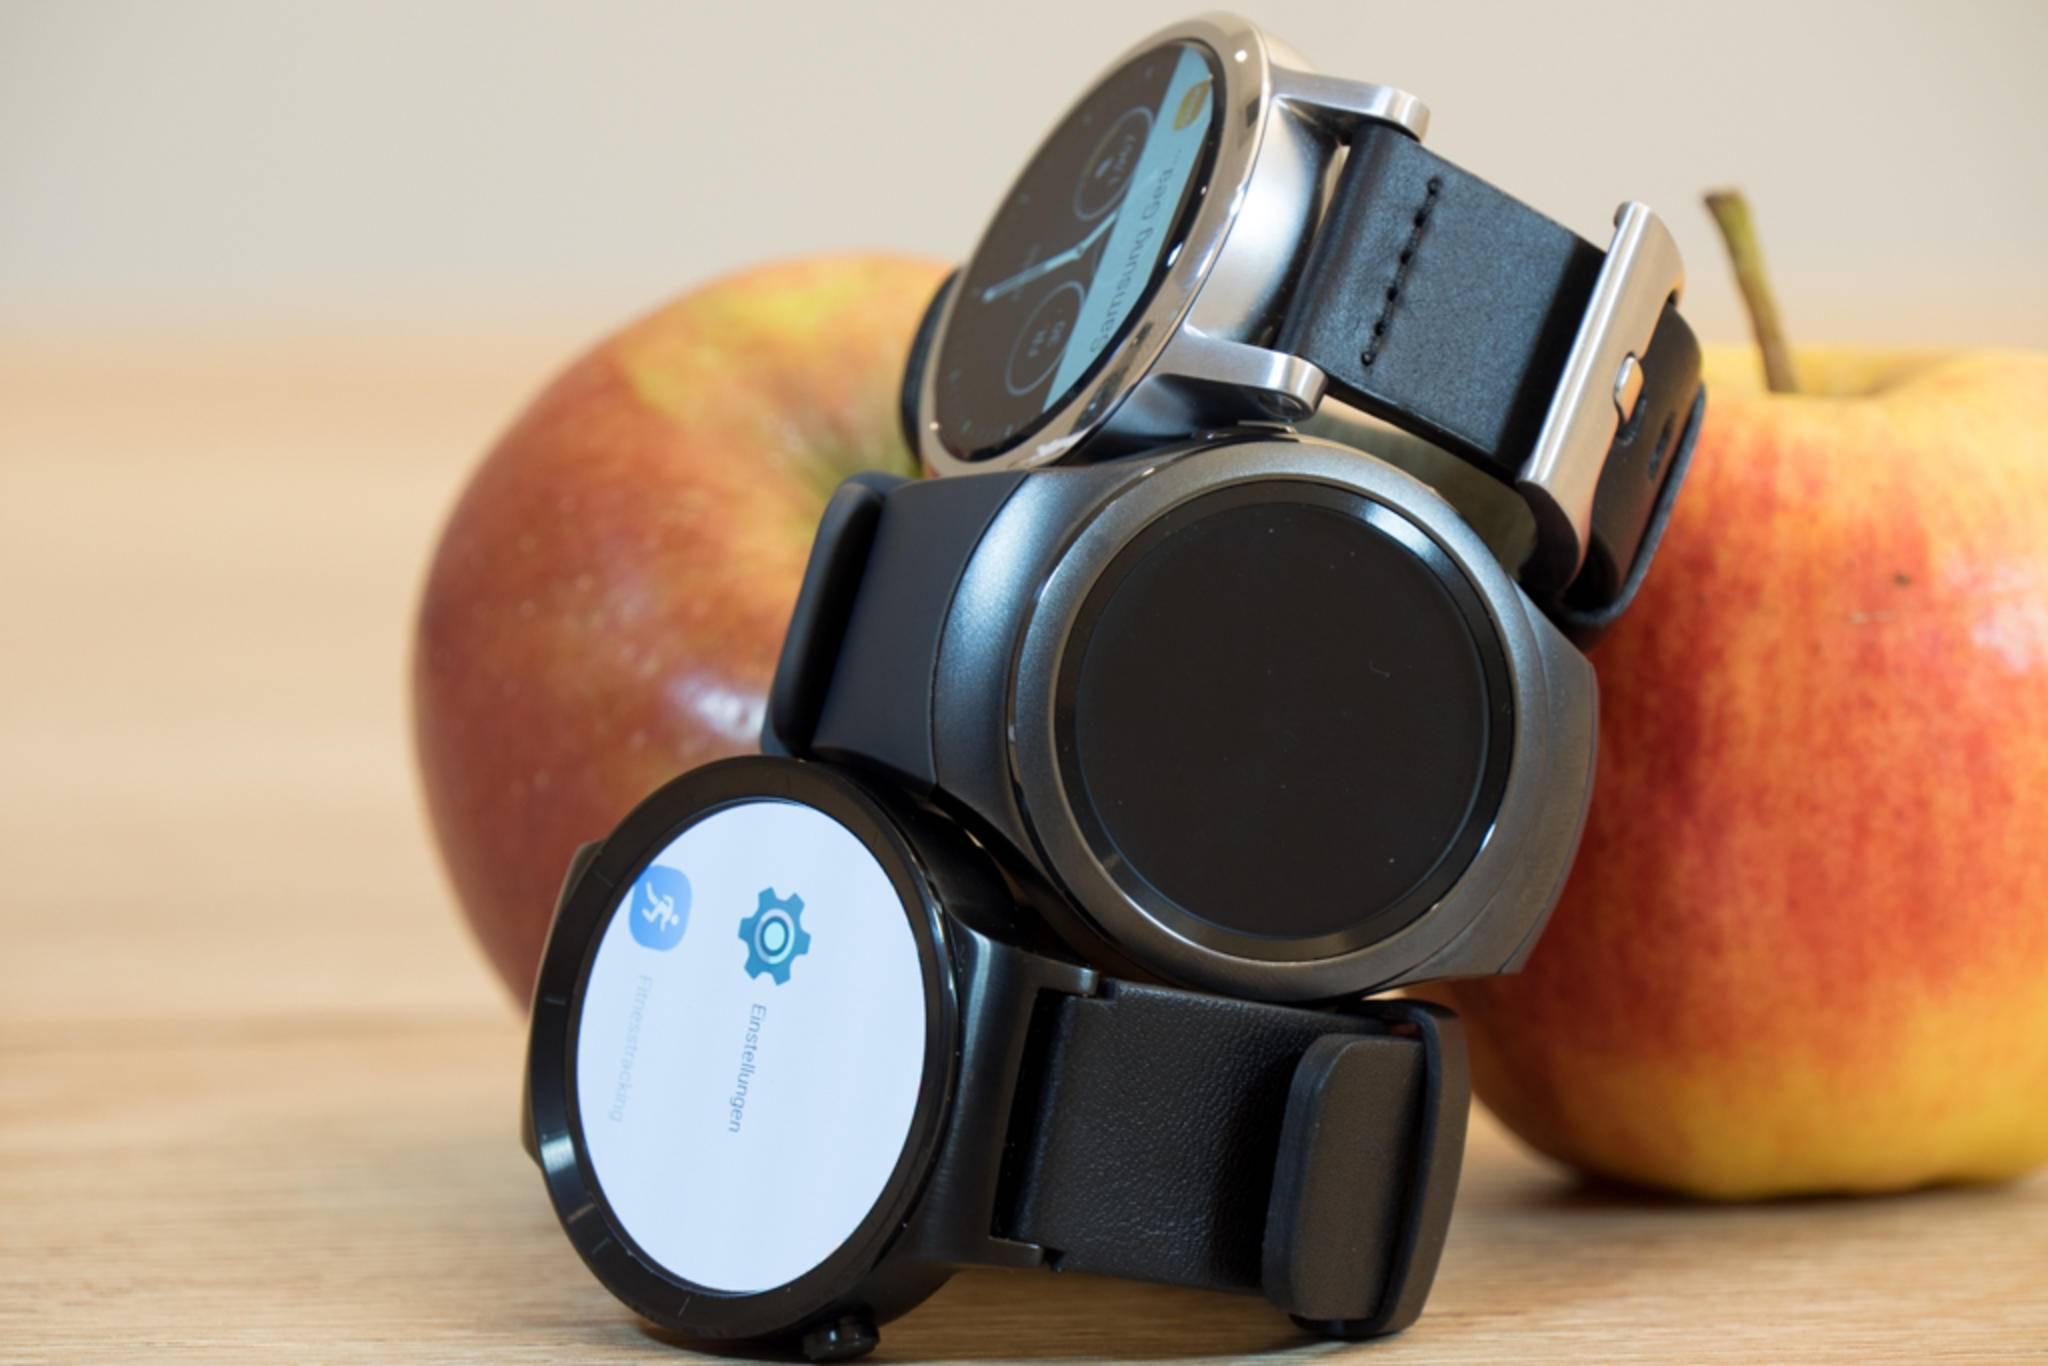 Viele Smartwatches: Doch welche überzeugt am meisten?